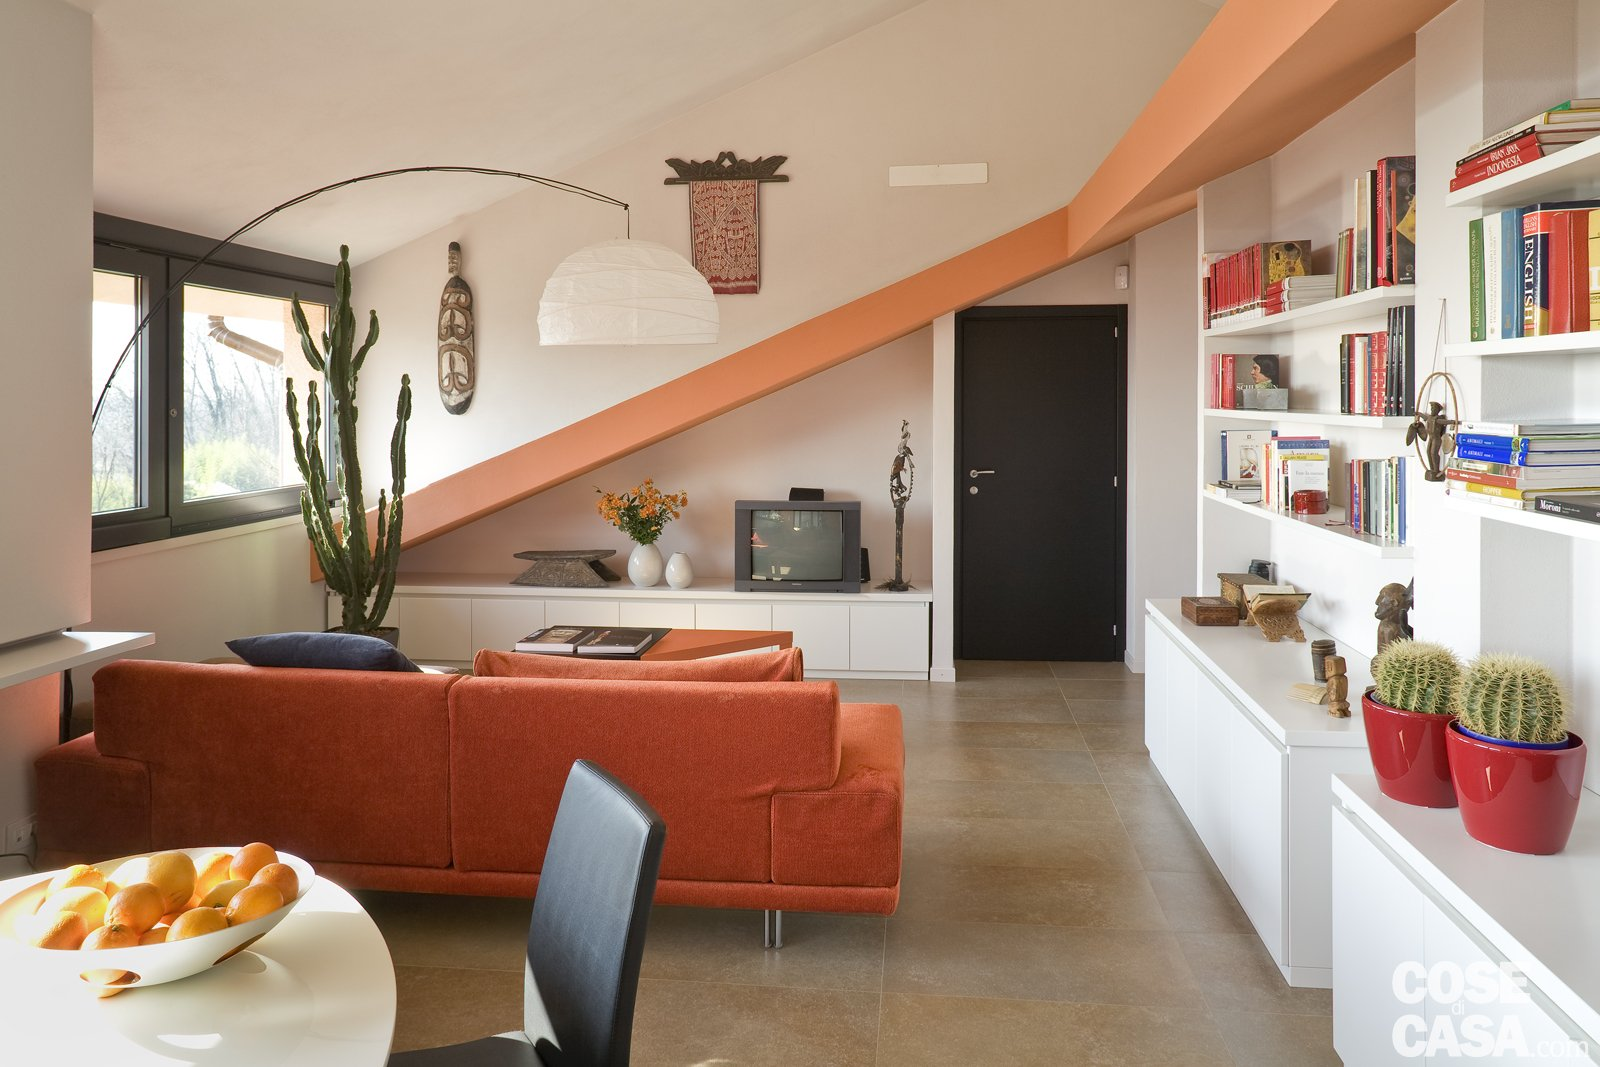 Casa in mansarda con le soluzioni giuste per gli spazi for Foto case arredate moderne